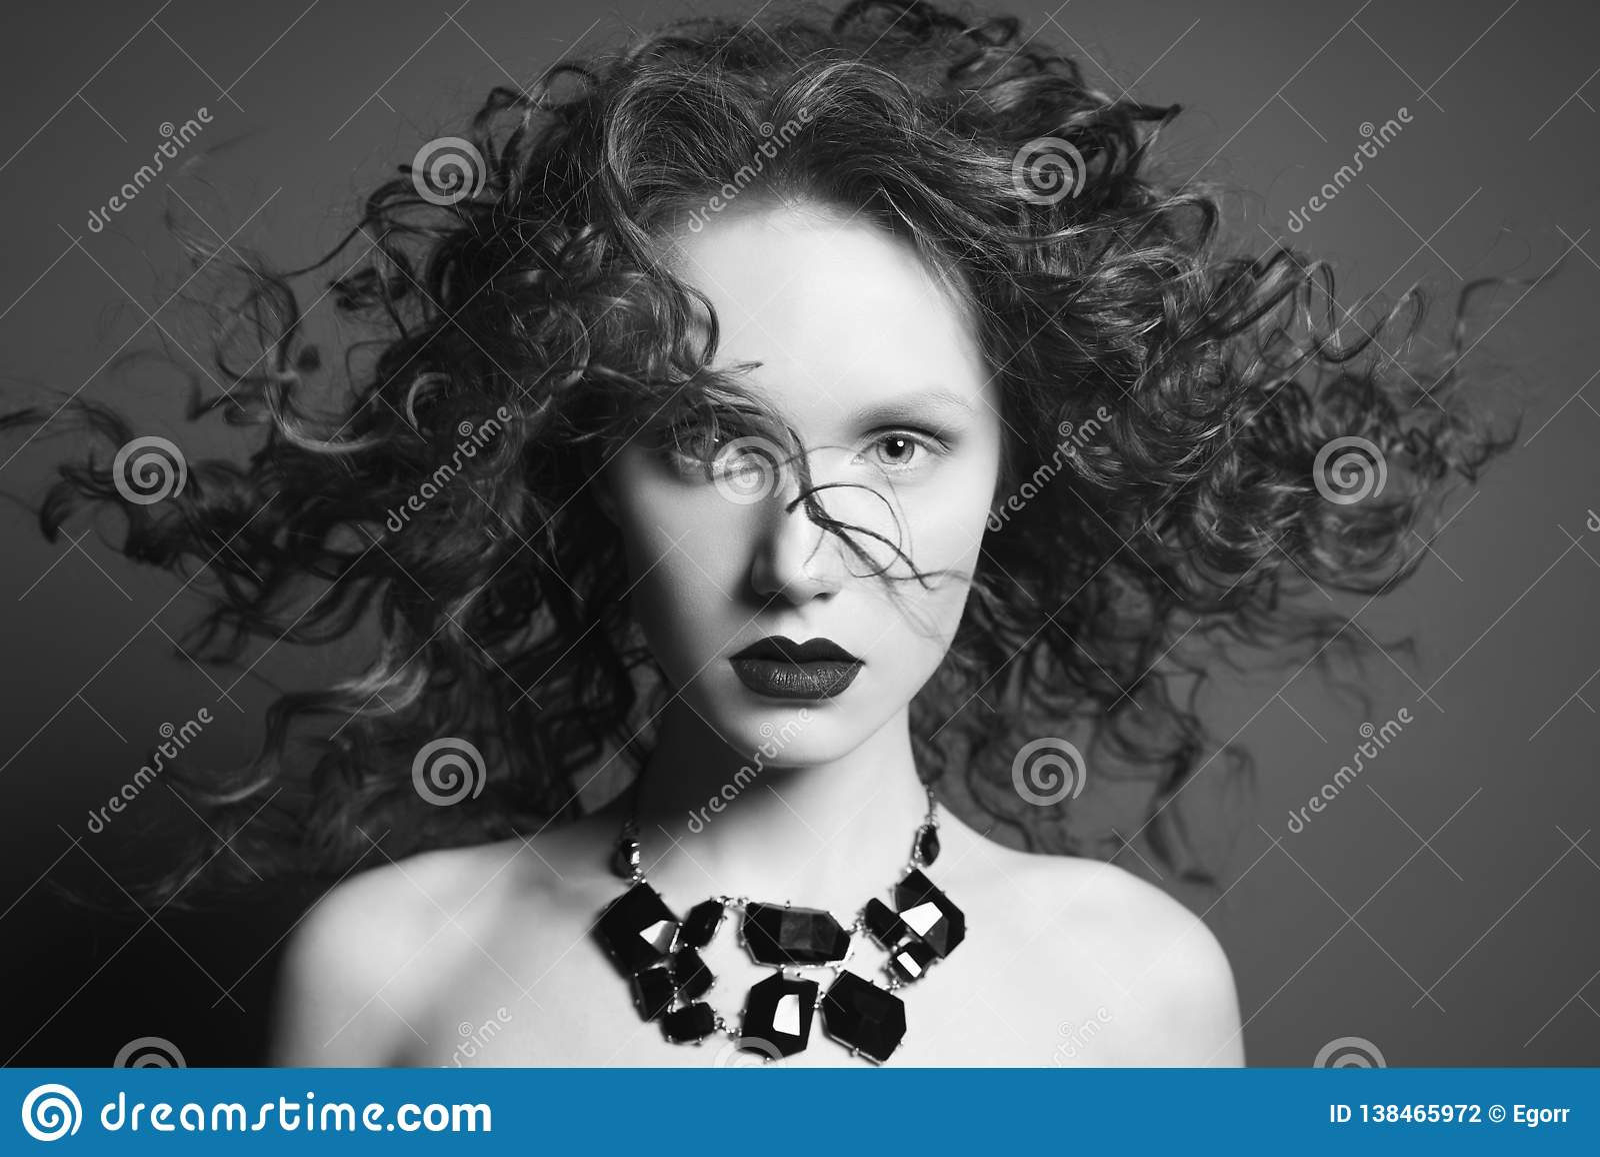 Piękna naga kobieta z czarną biżuterią portret mody